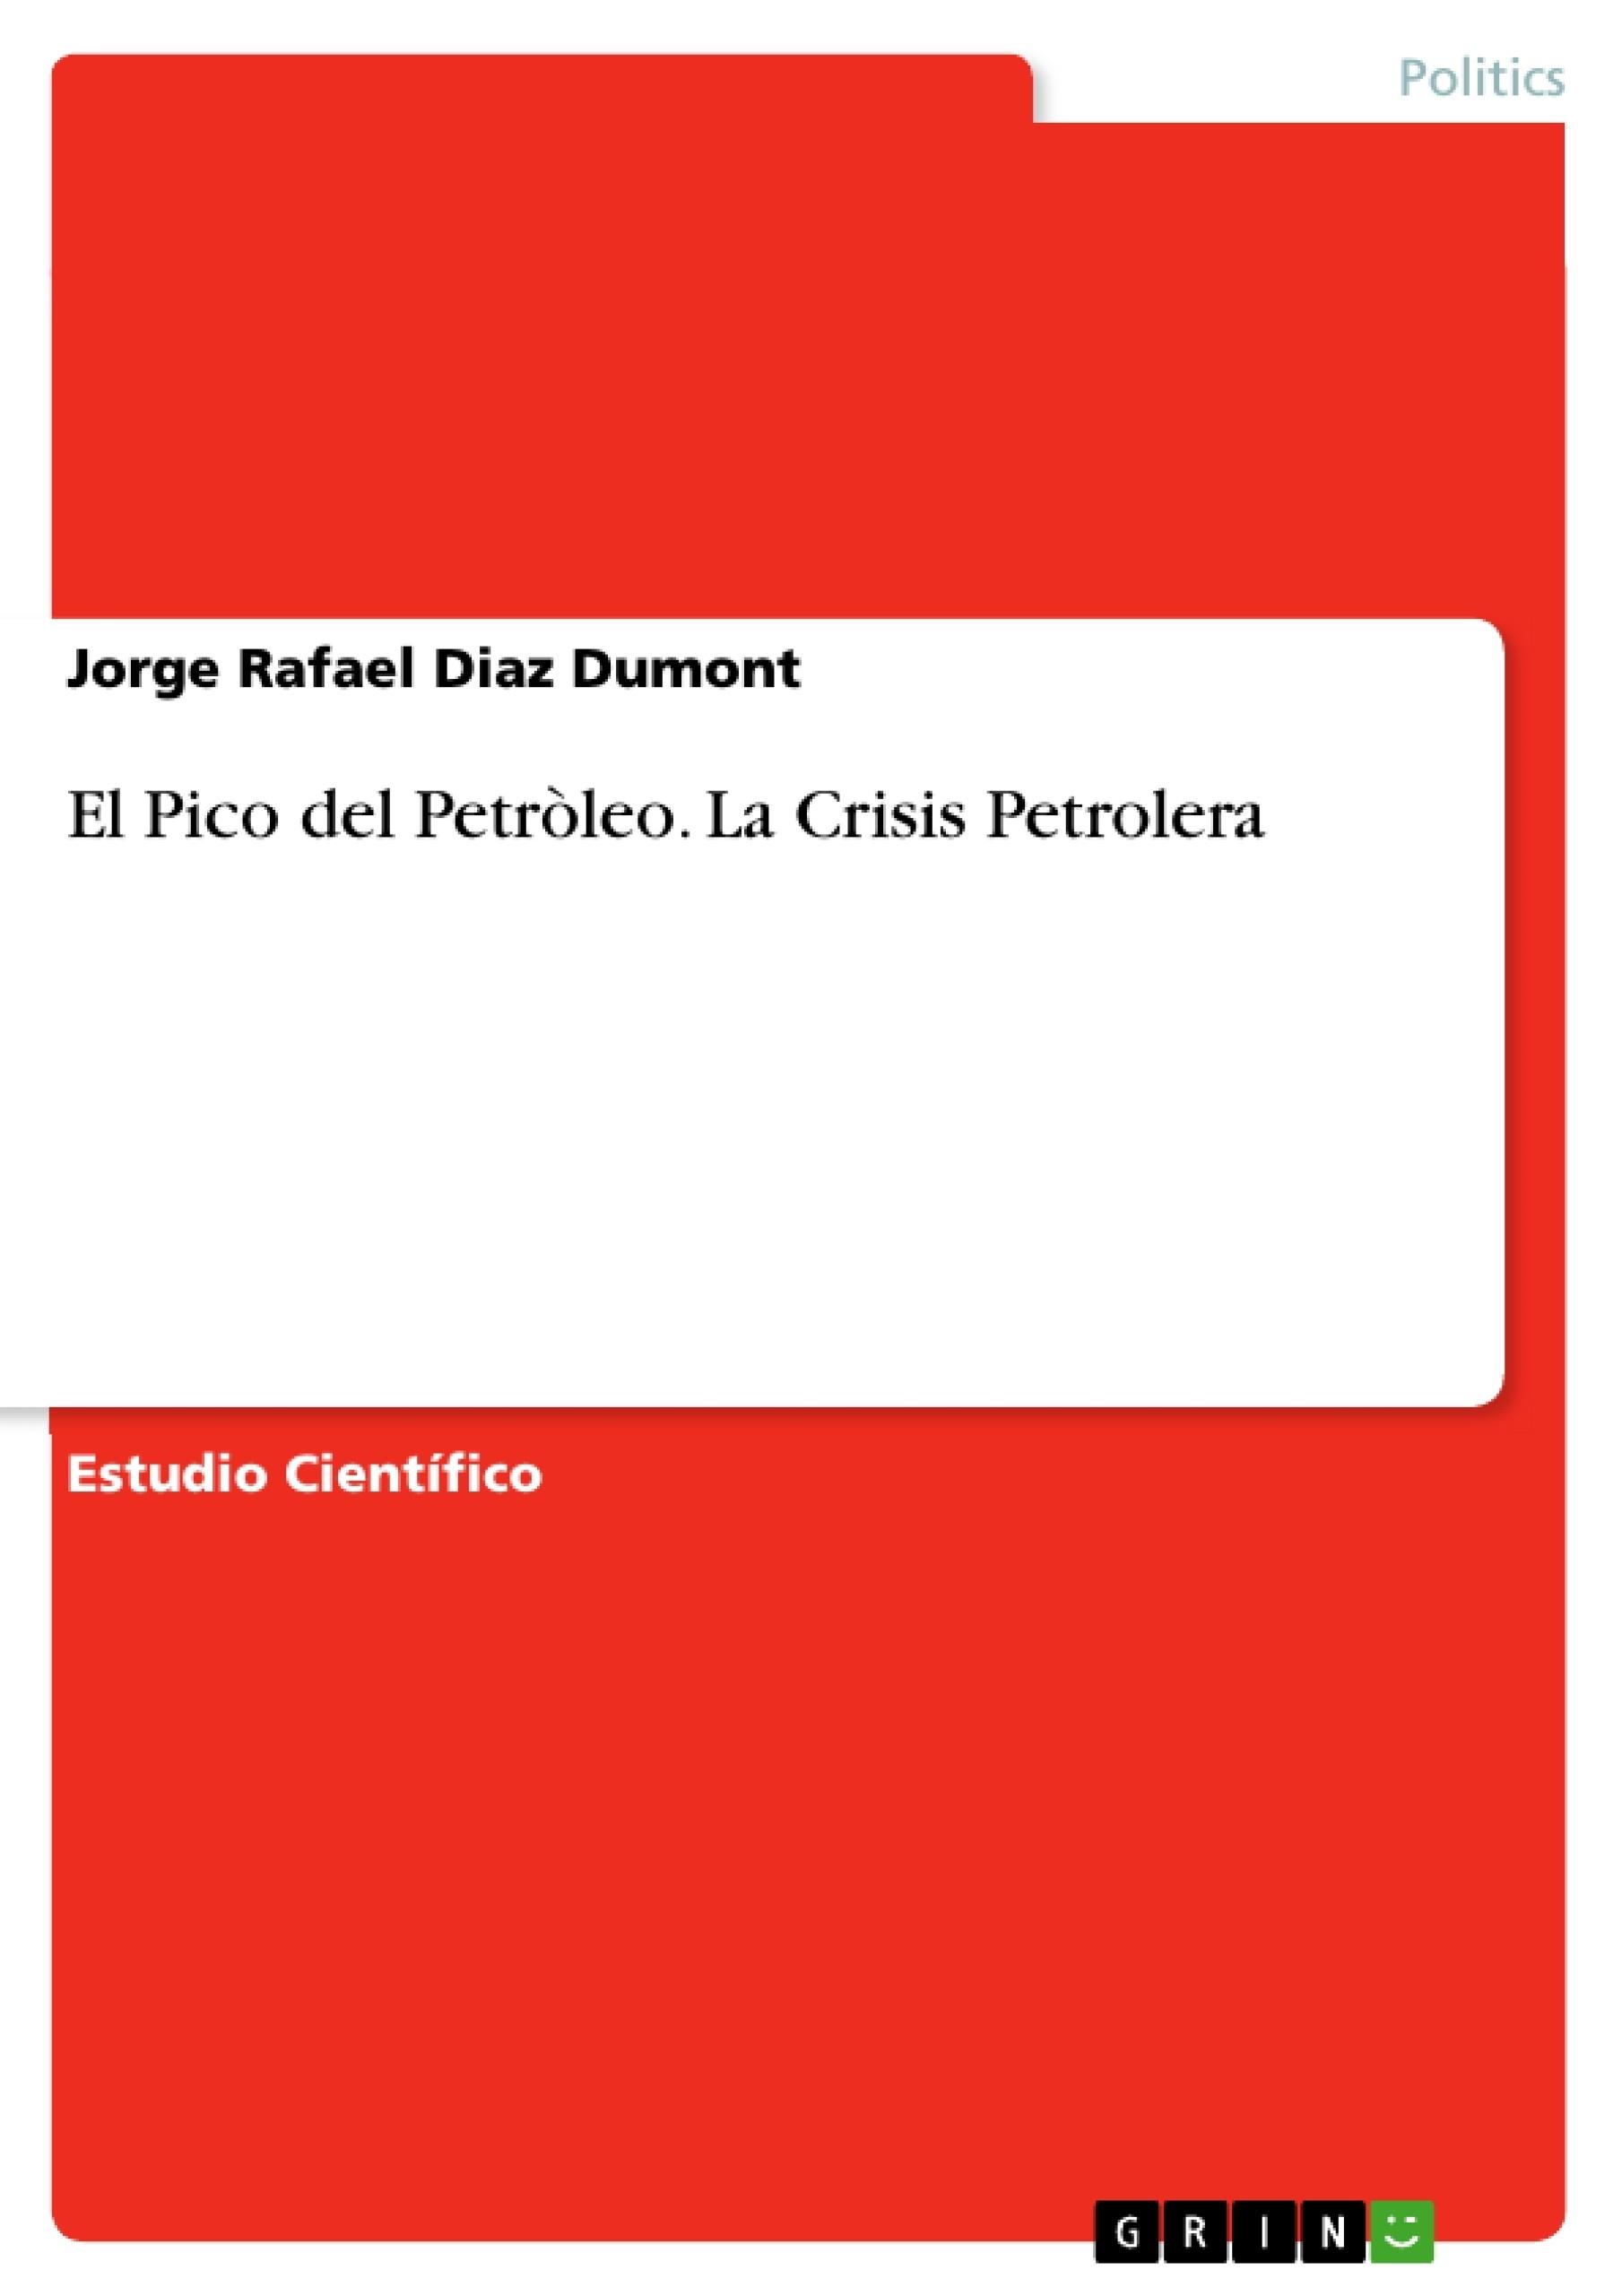 Título: El Pico del Petròleo. La Crisis Petrolera